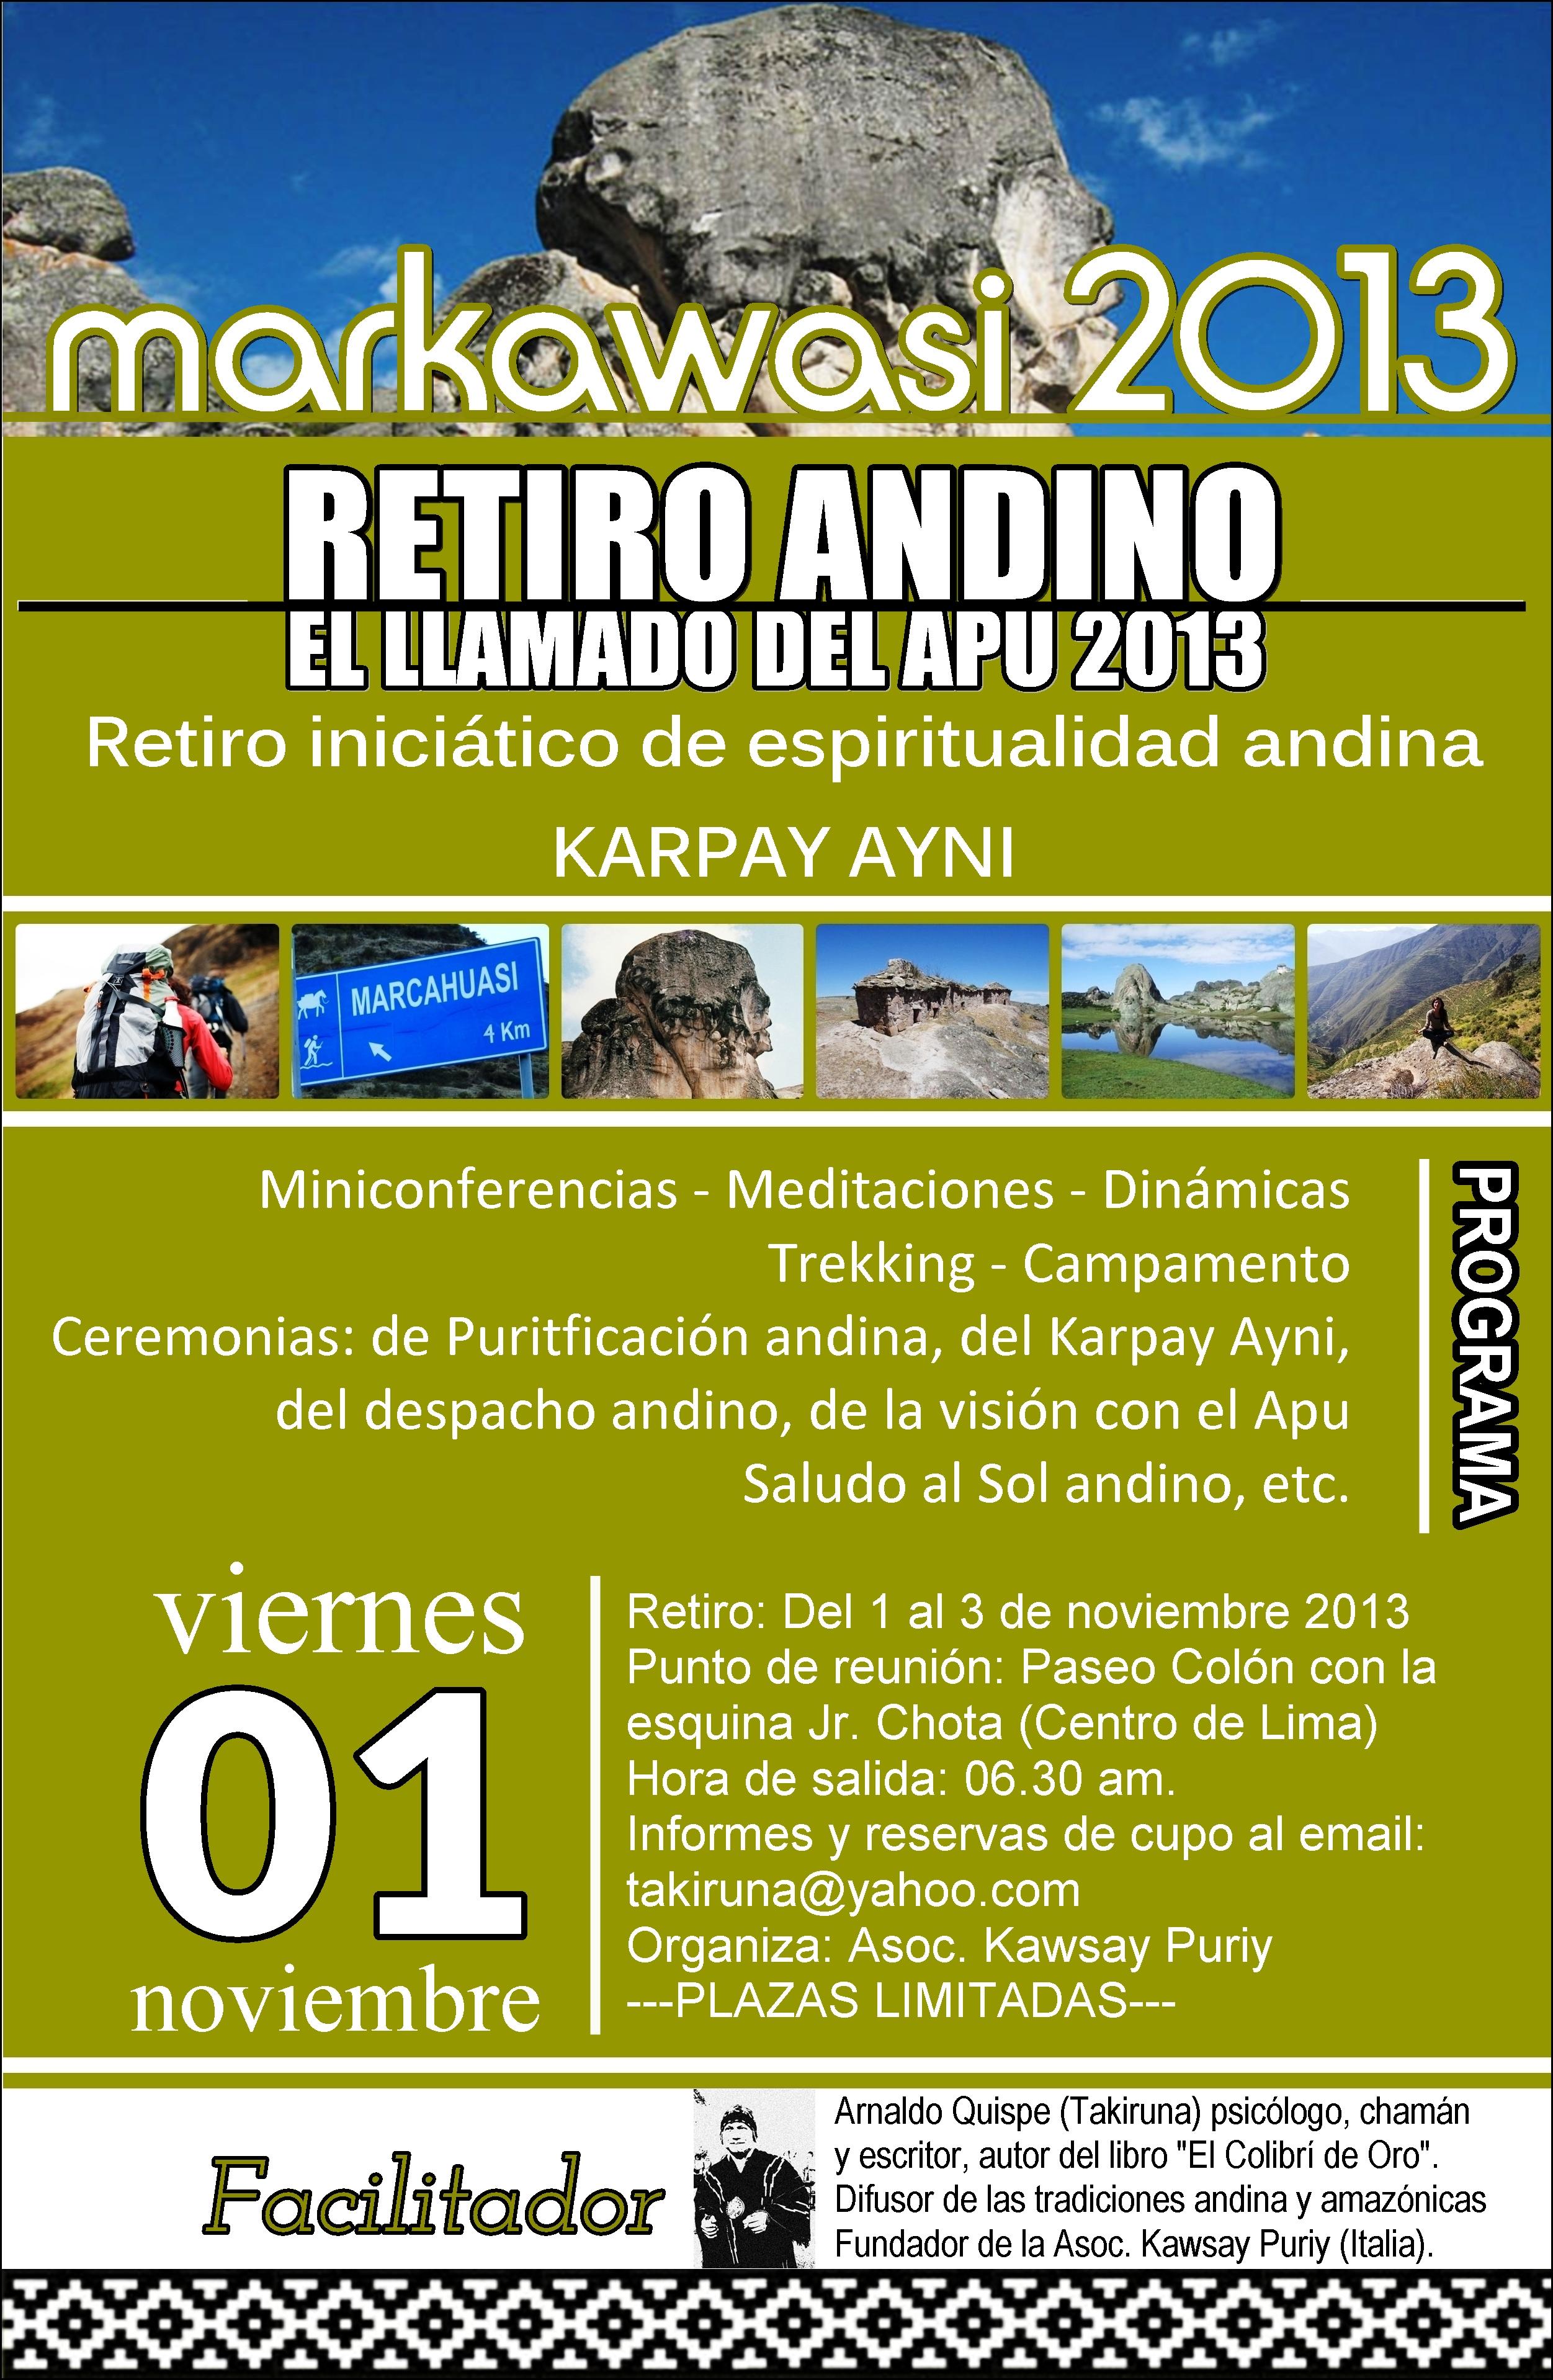 Afiche Disponible Del Retiro Andino 1 3 Nov Takiruna